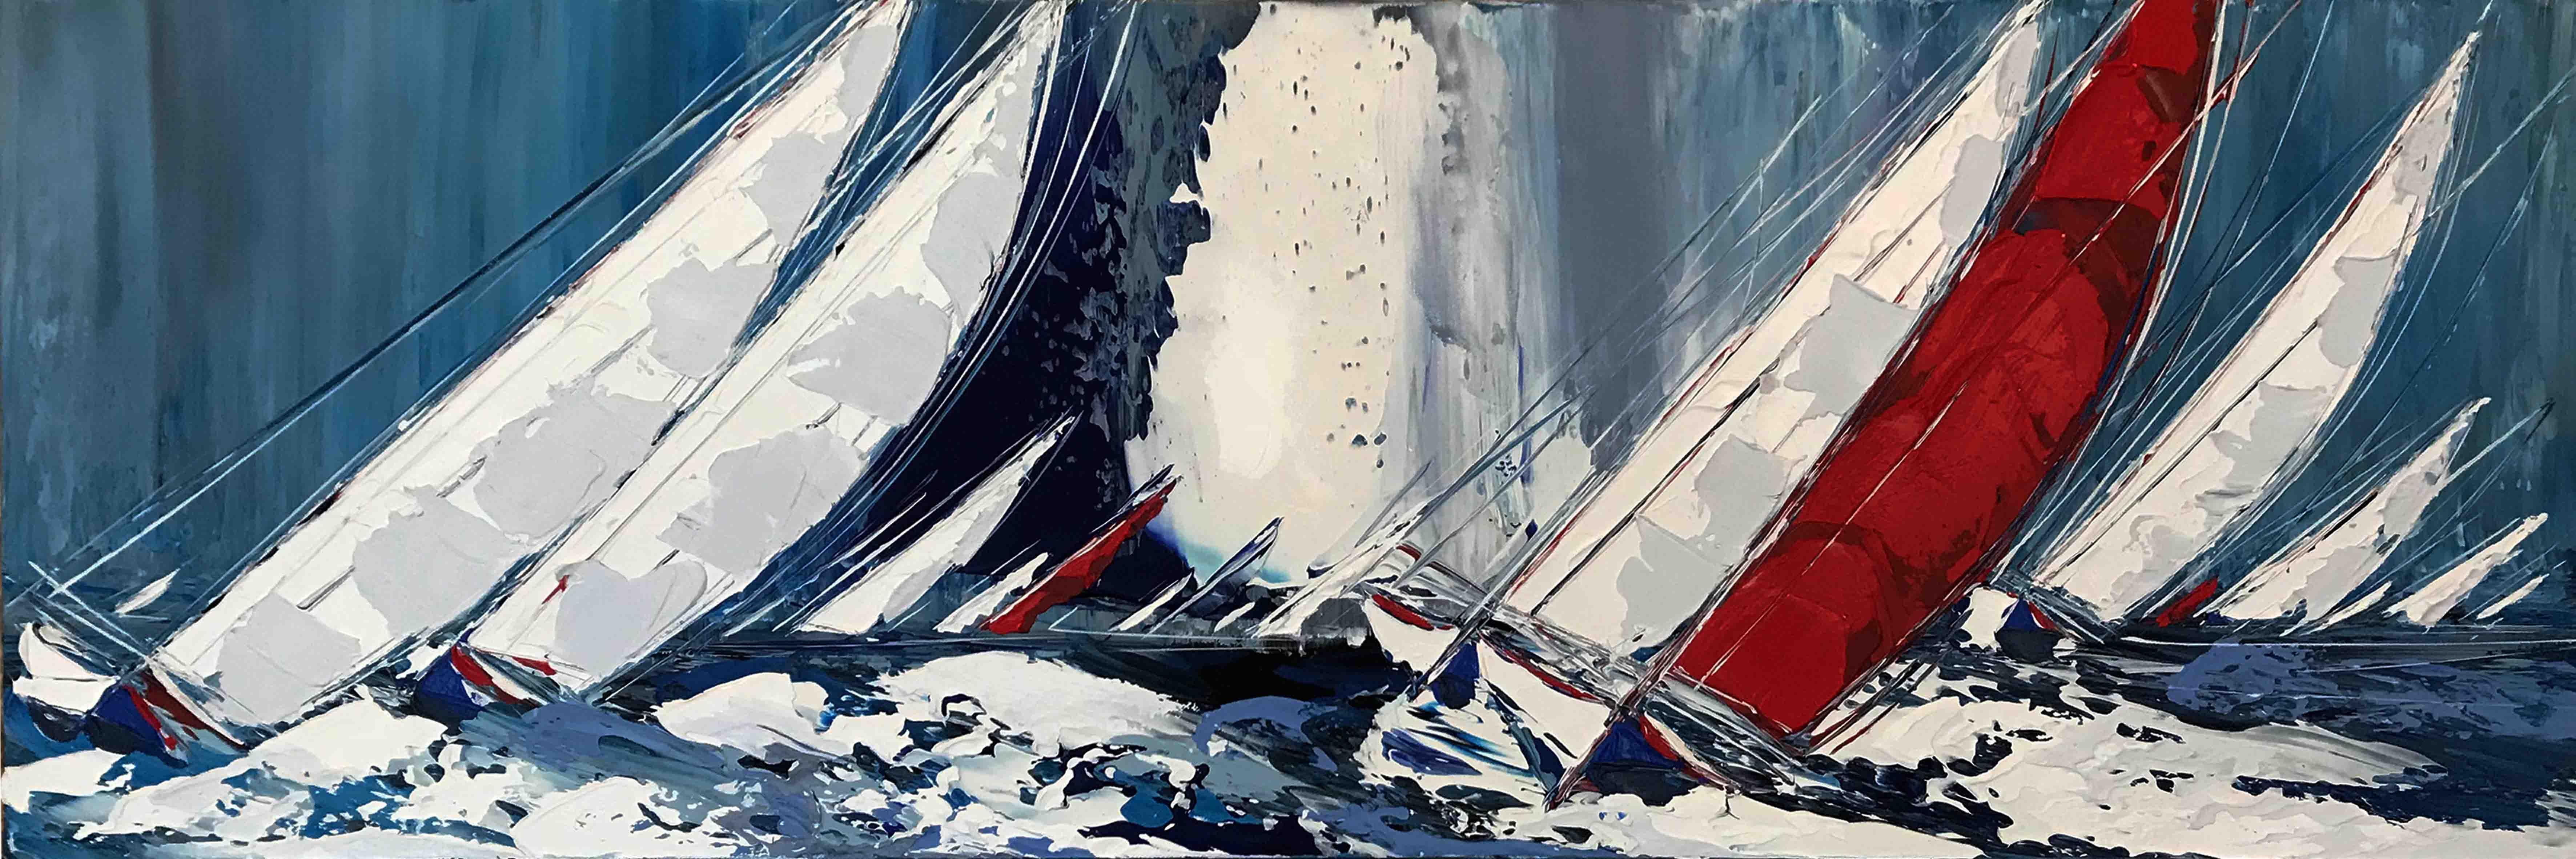 Le voilier rouge IV, 40x120cm